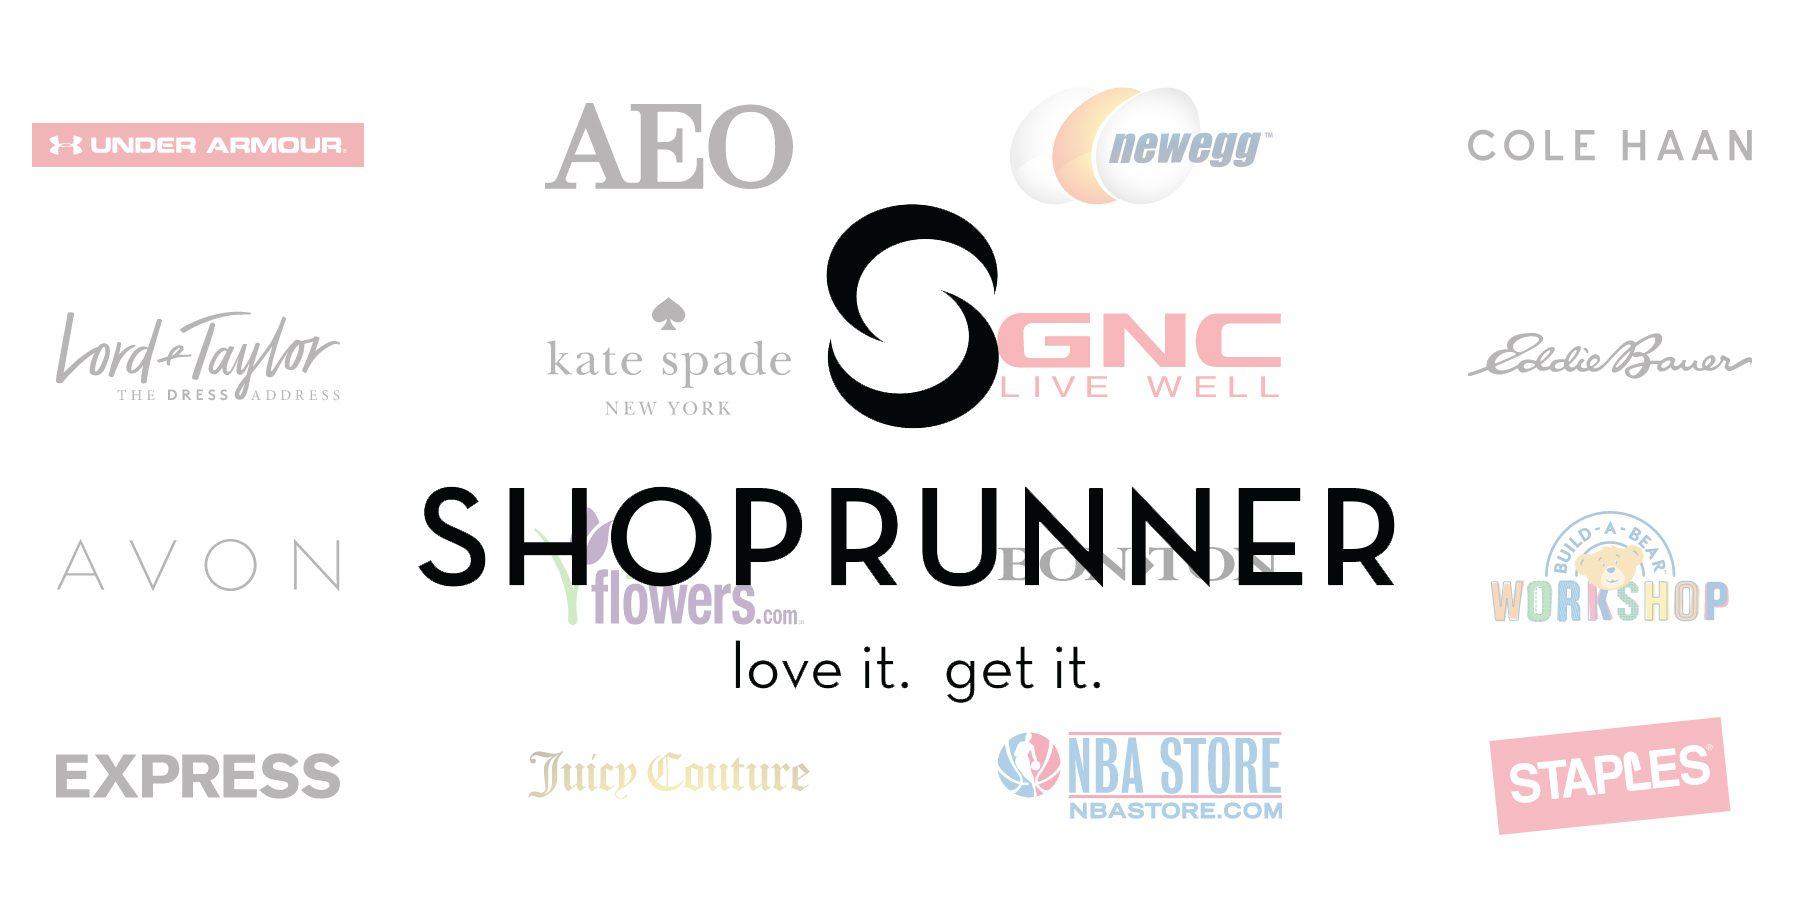 staples shoprunner